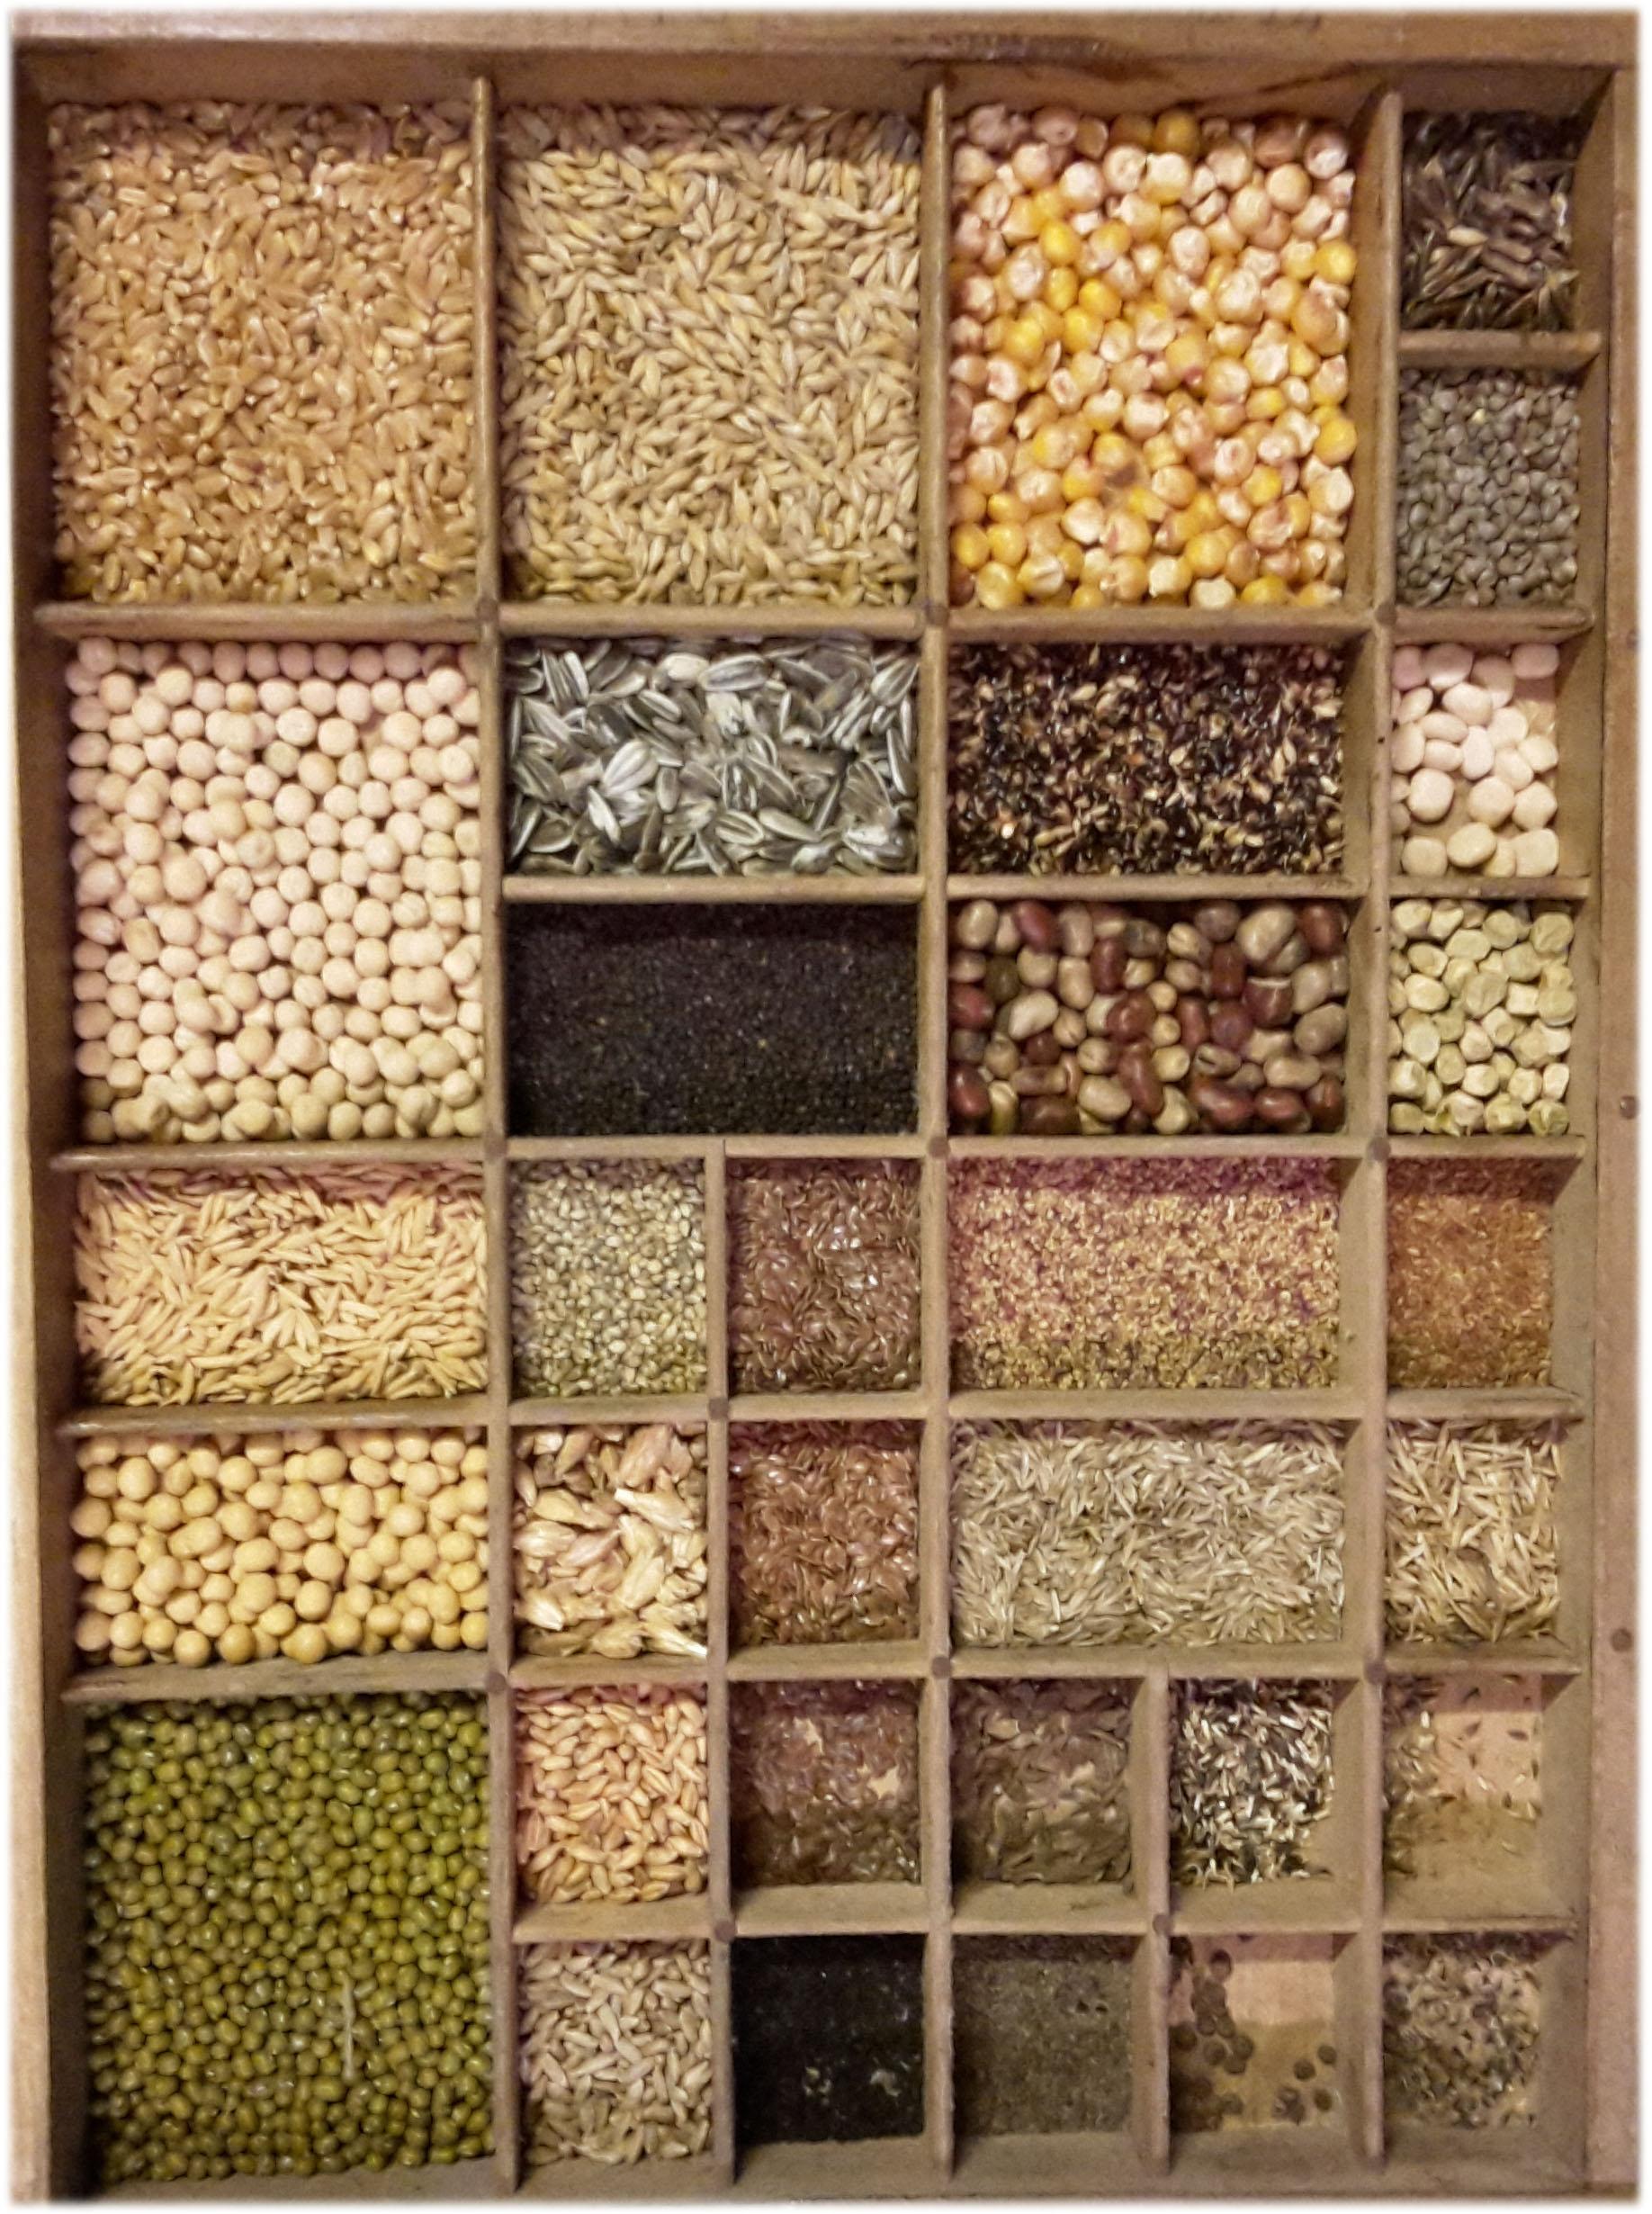 Fichier semences de diff rentes esp wikip dia - Differentes especes de pins ...